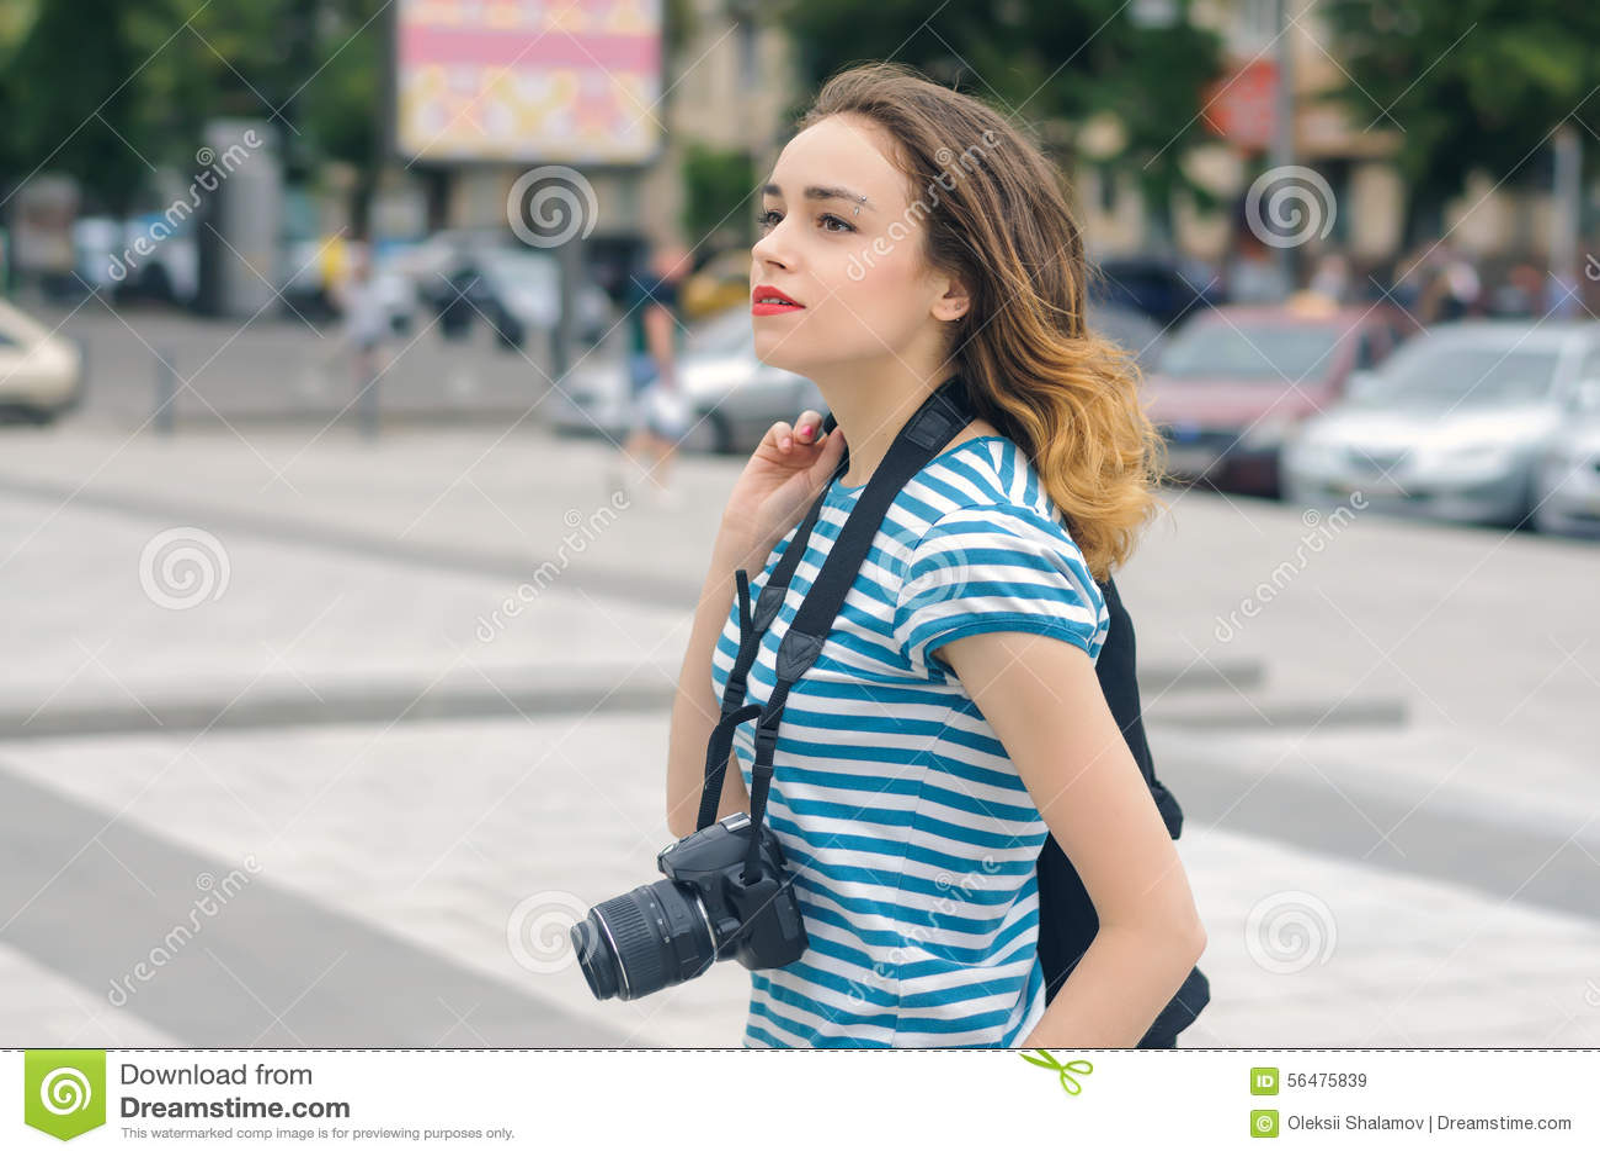 Photographe de femme descendant la rue